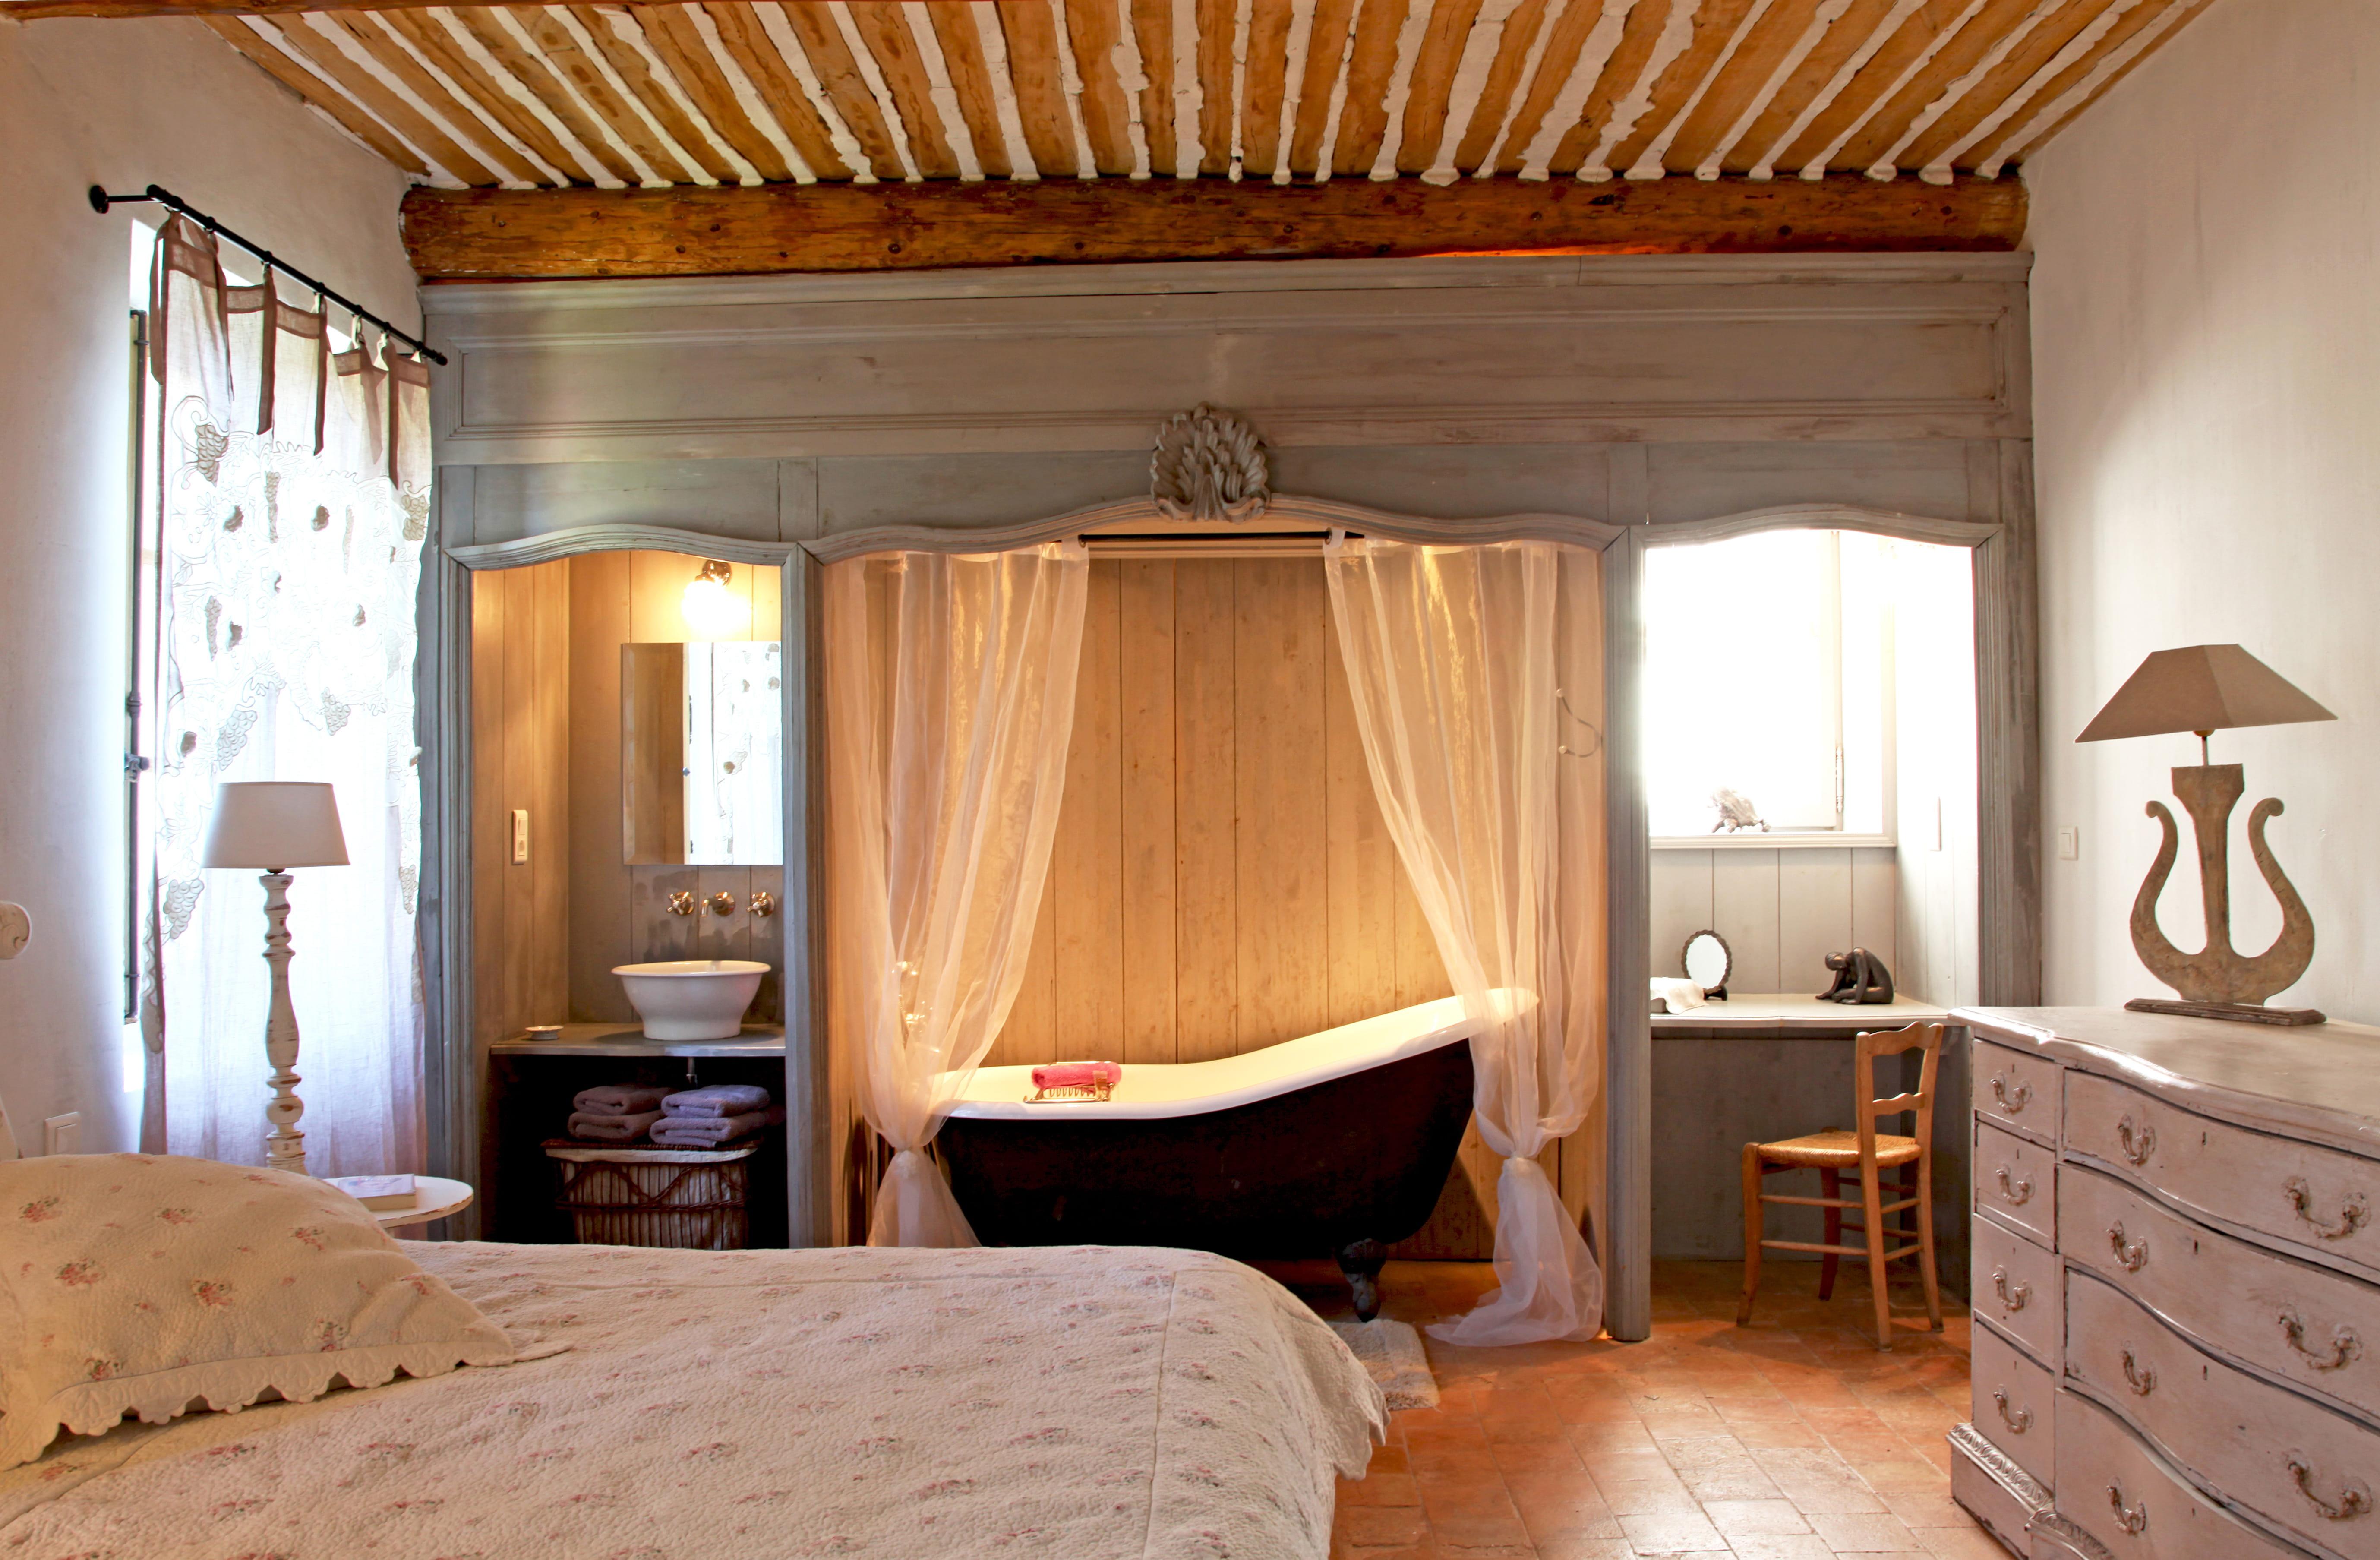 #76431E Suite Parentale à L'ancienne : Suite Parentale : 25  3299 suite parentale deco m6 5514x3614 px @ aertt.com